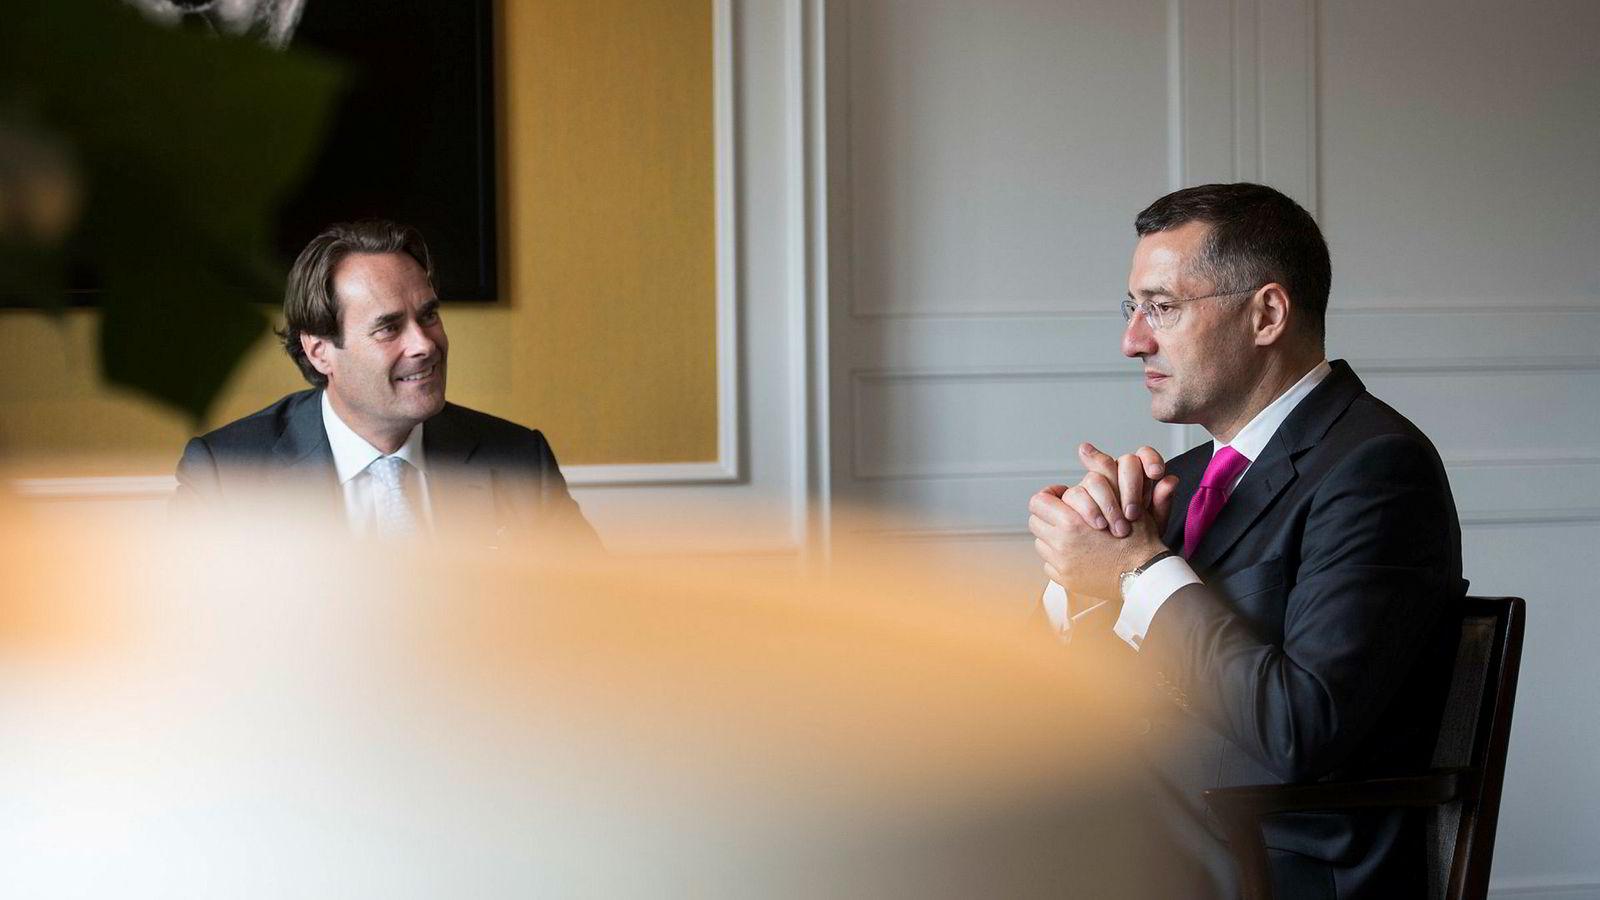 Pimcos porteføljesjef Andrew Bosomworth tror USA er på vei inn i en resesjon. Denne uken var han i Oslo for å snakke om hva han tror kommer til å skje i løpet av de neste tre til fem årene. Patrick Dunnewolt (til venstre) er viseadministrerende direktør på PIMCOs London-kontor.